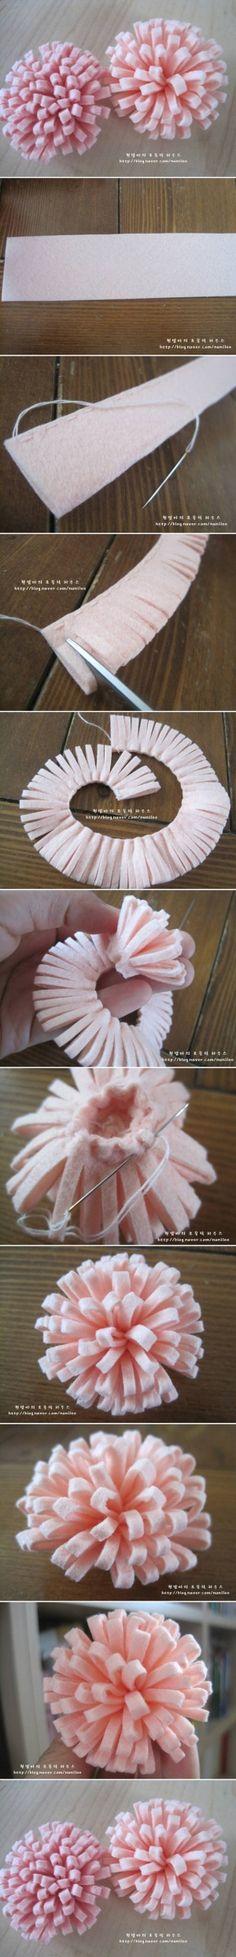 Filcové růžové koule